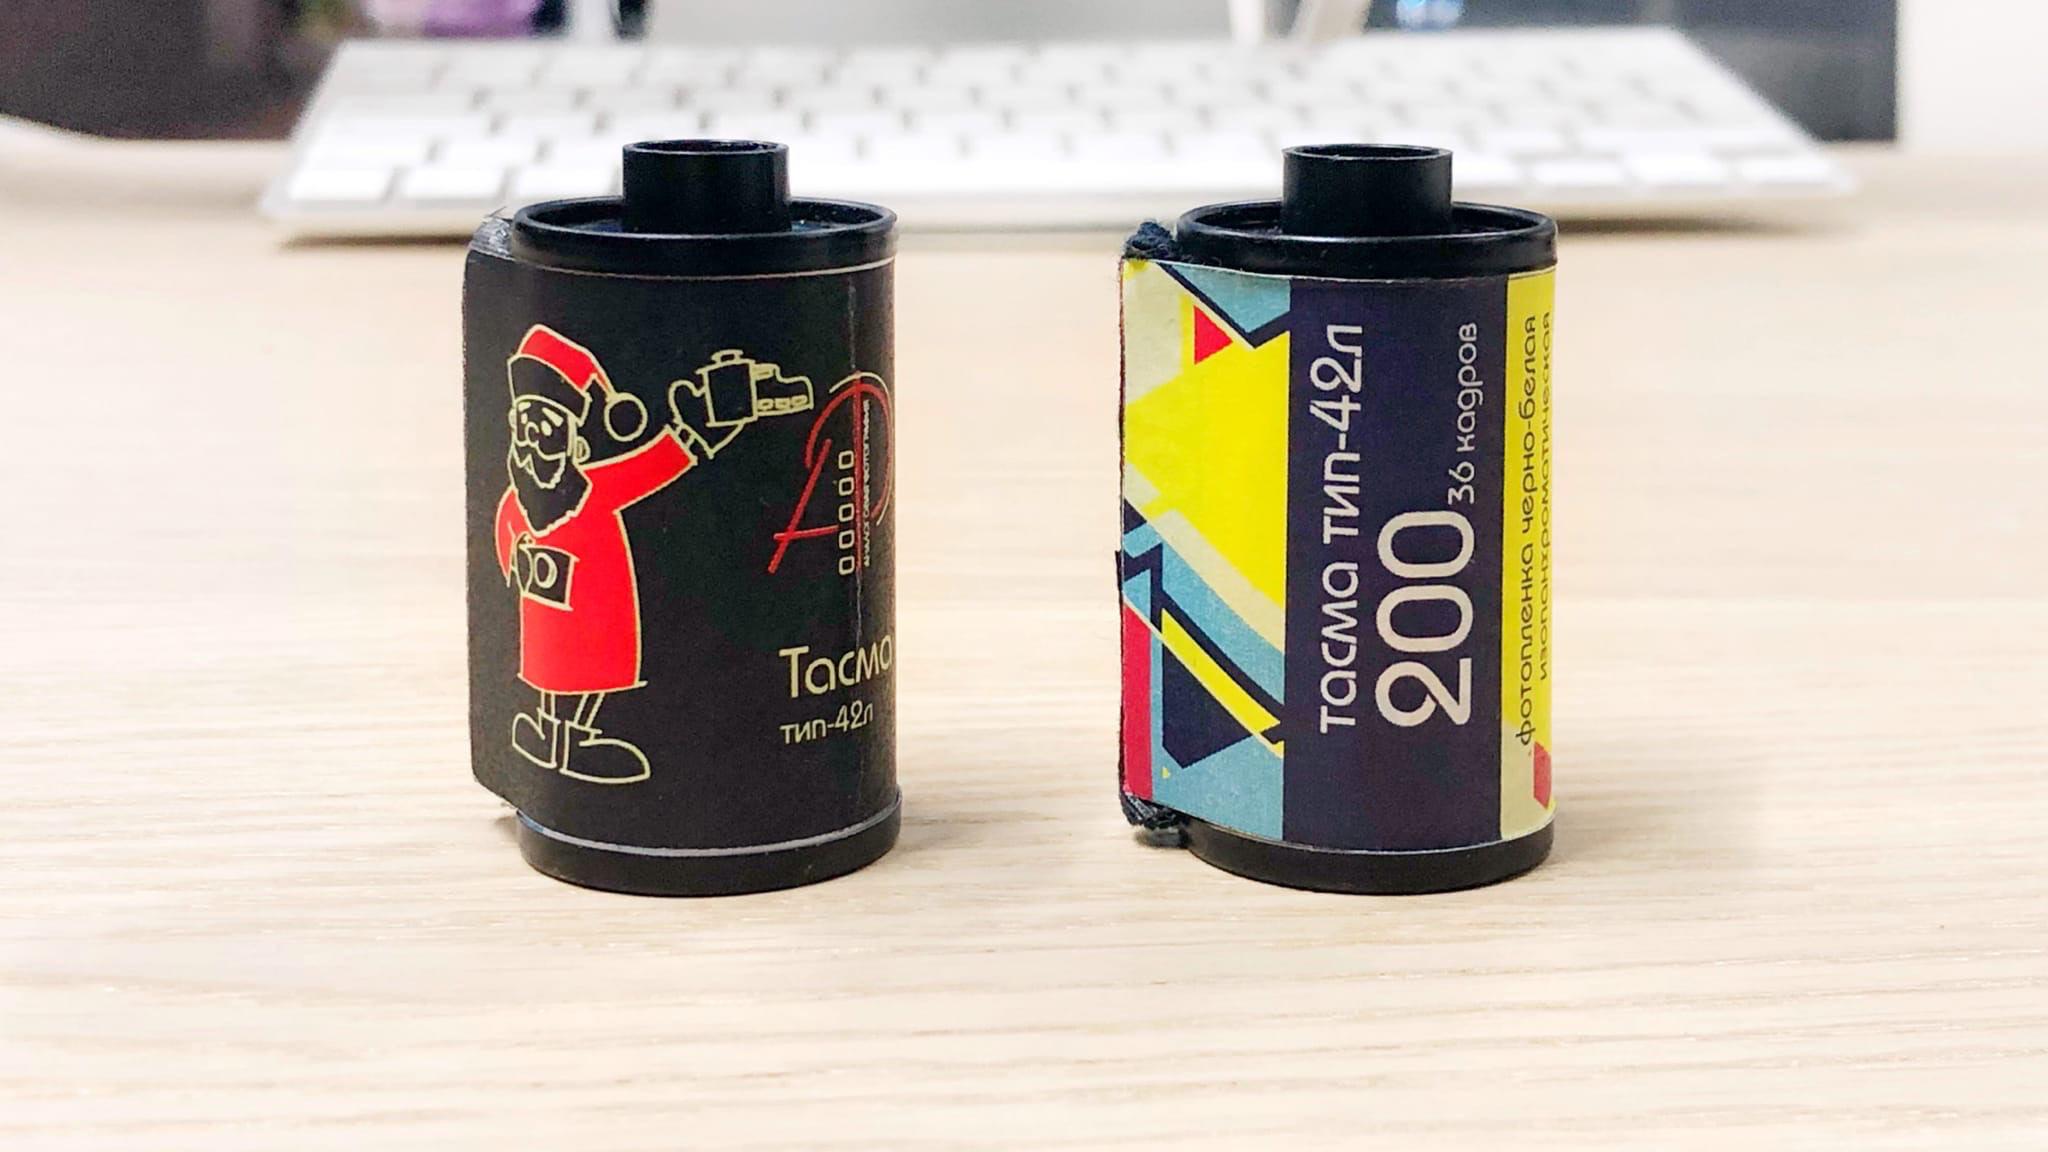 Фотопленка Тасма Тип-42 35 мм